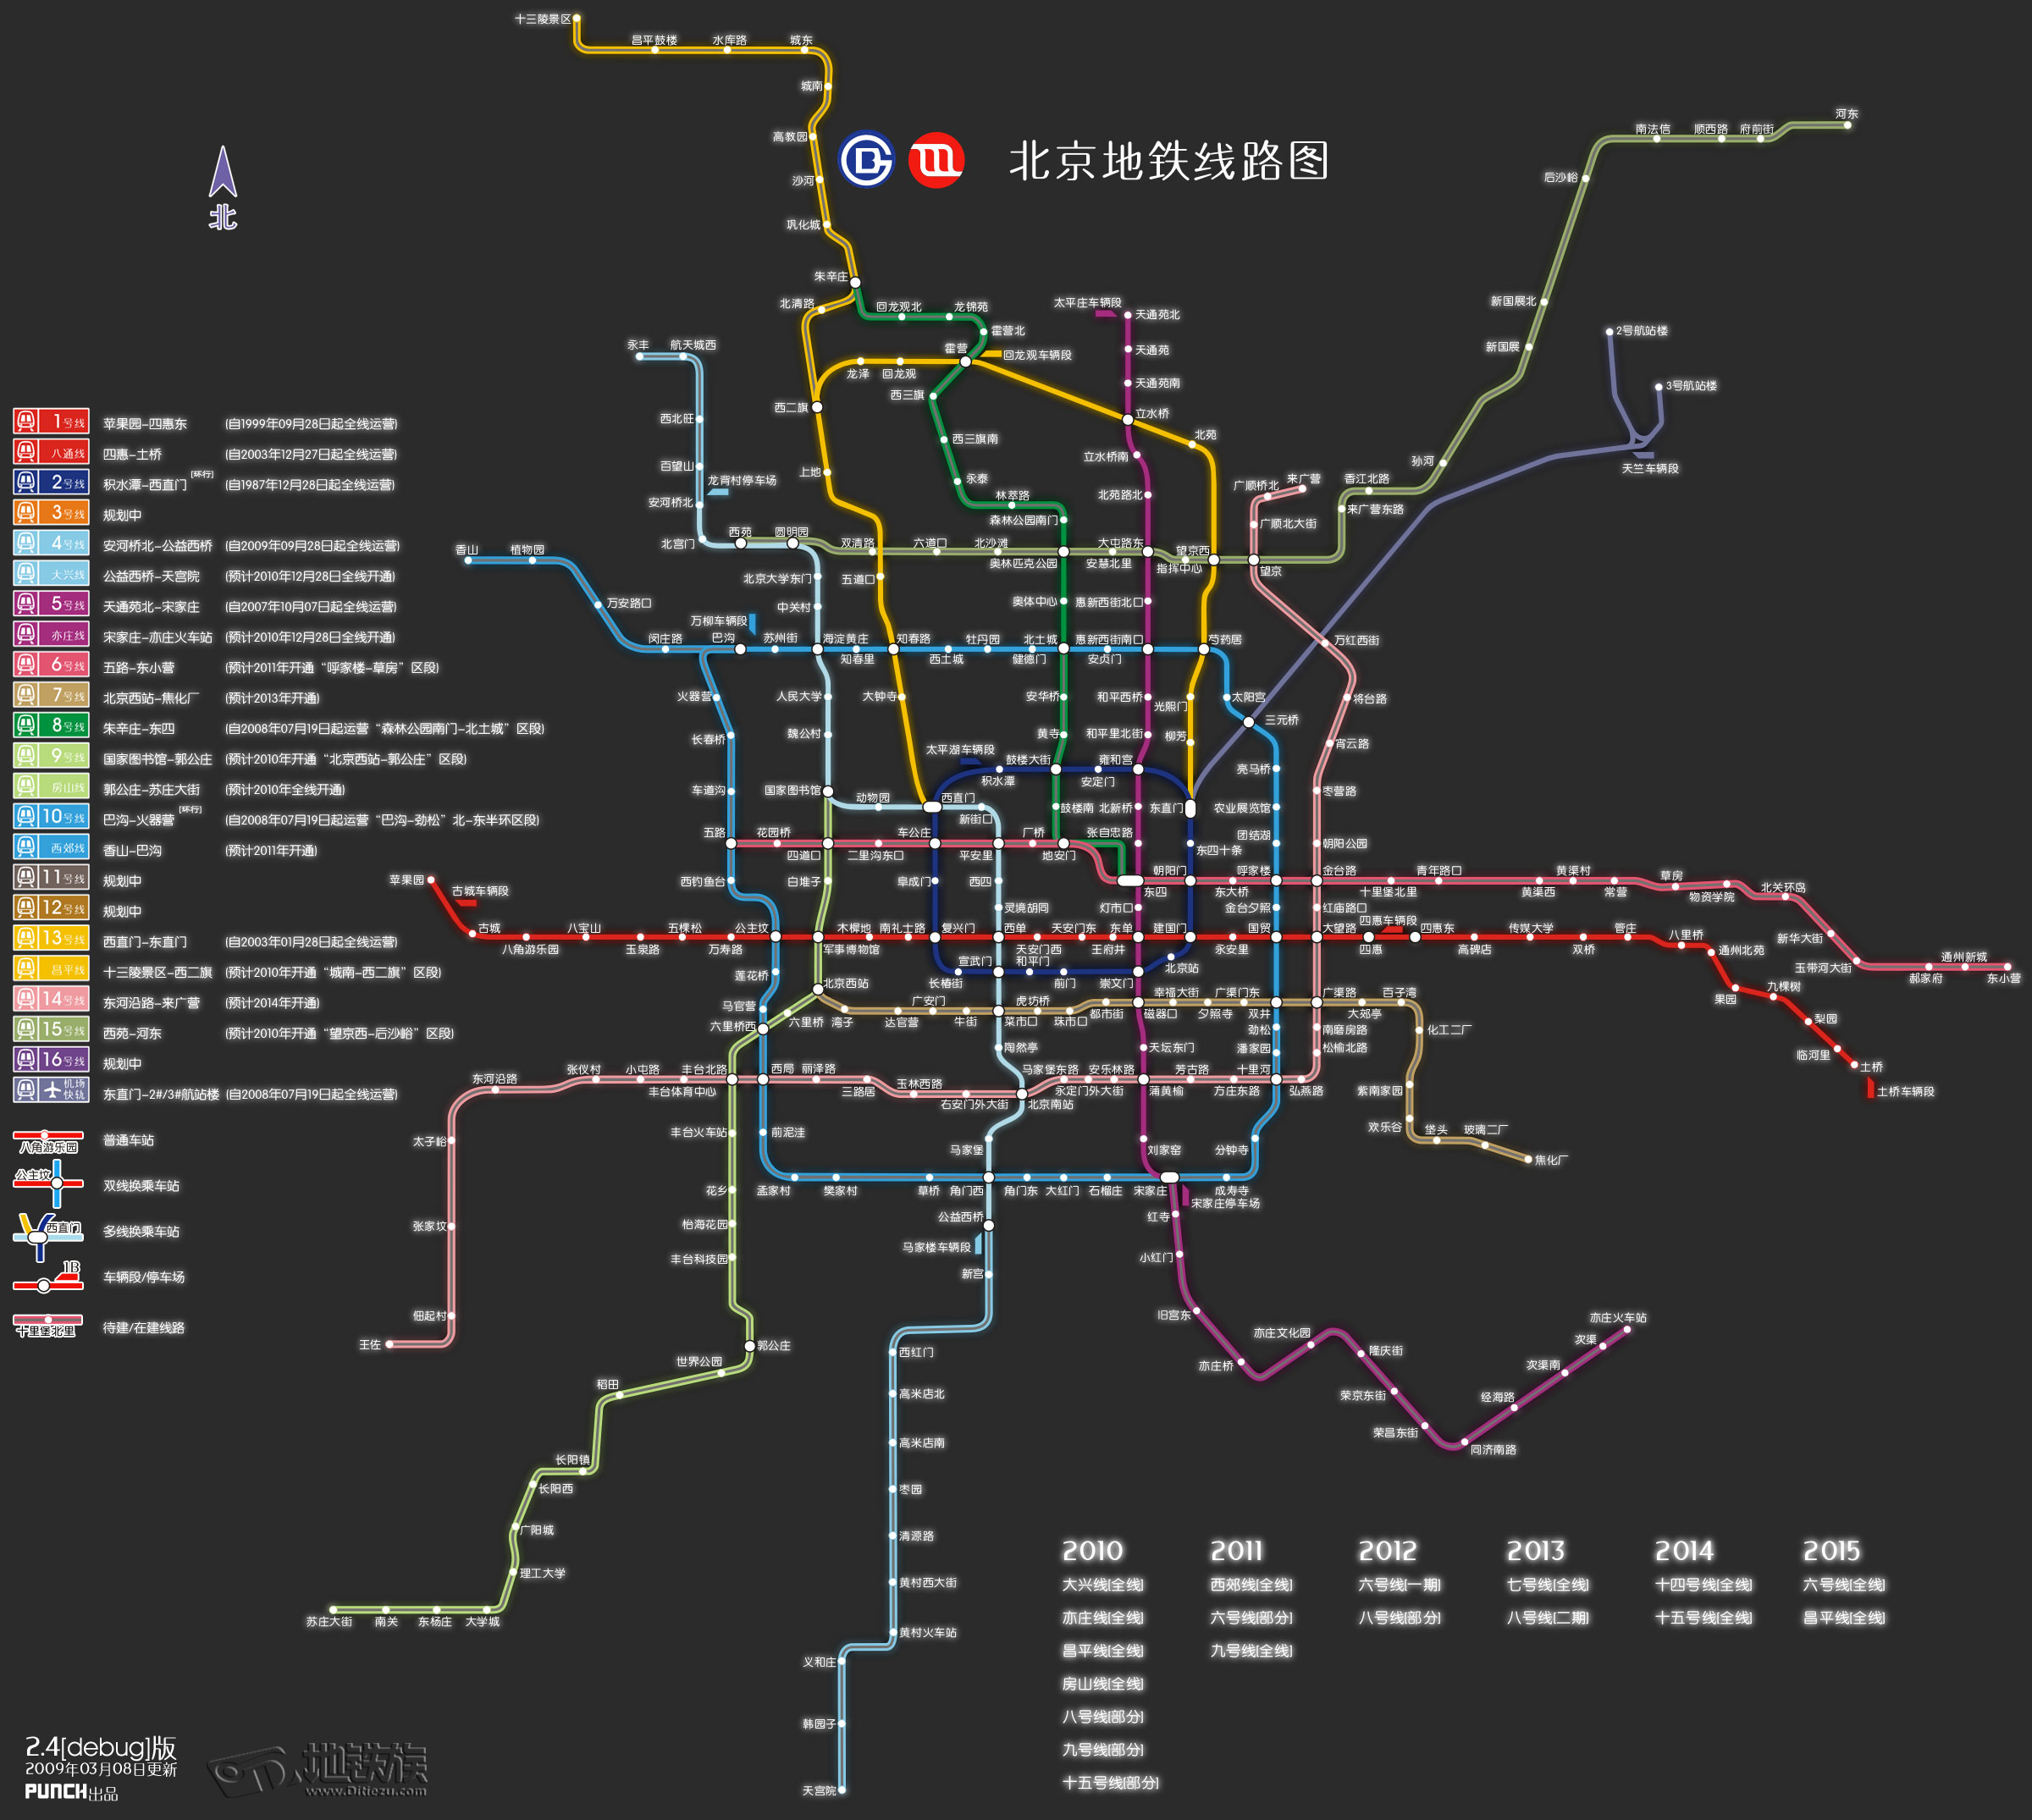 北京地铁规划图 2020